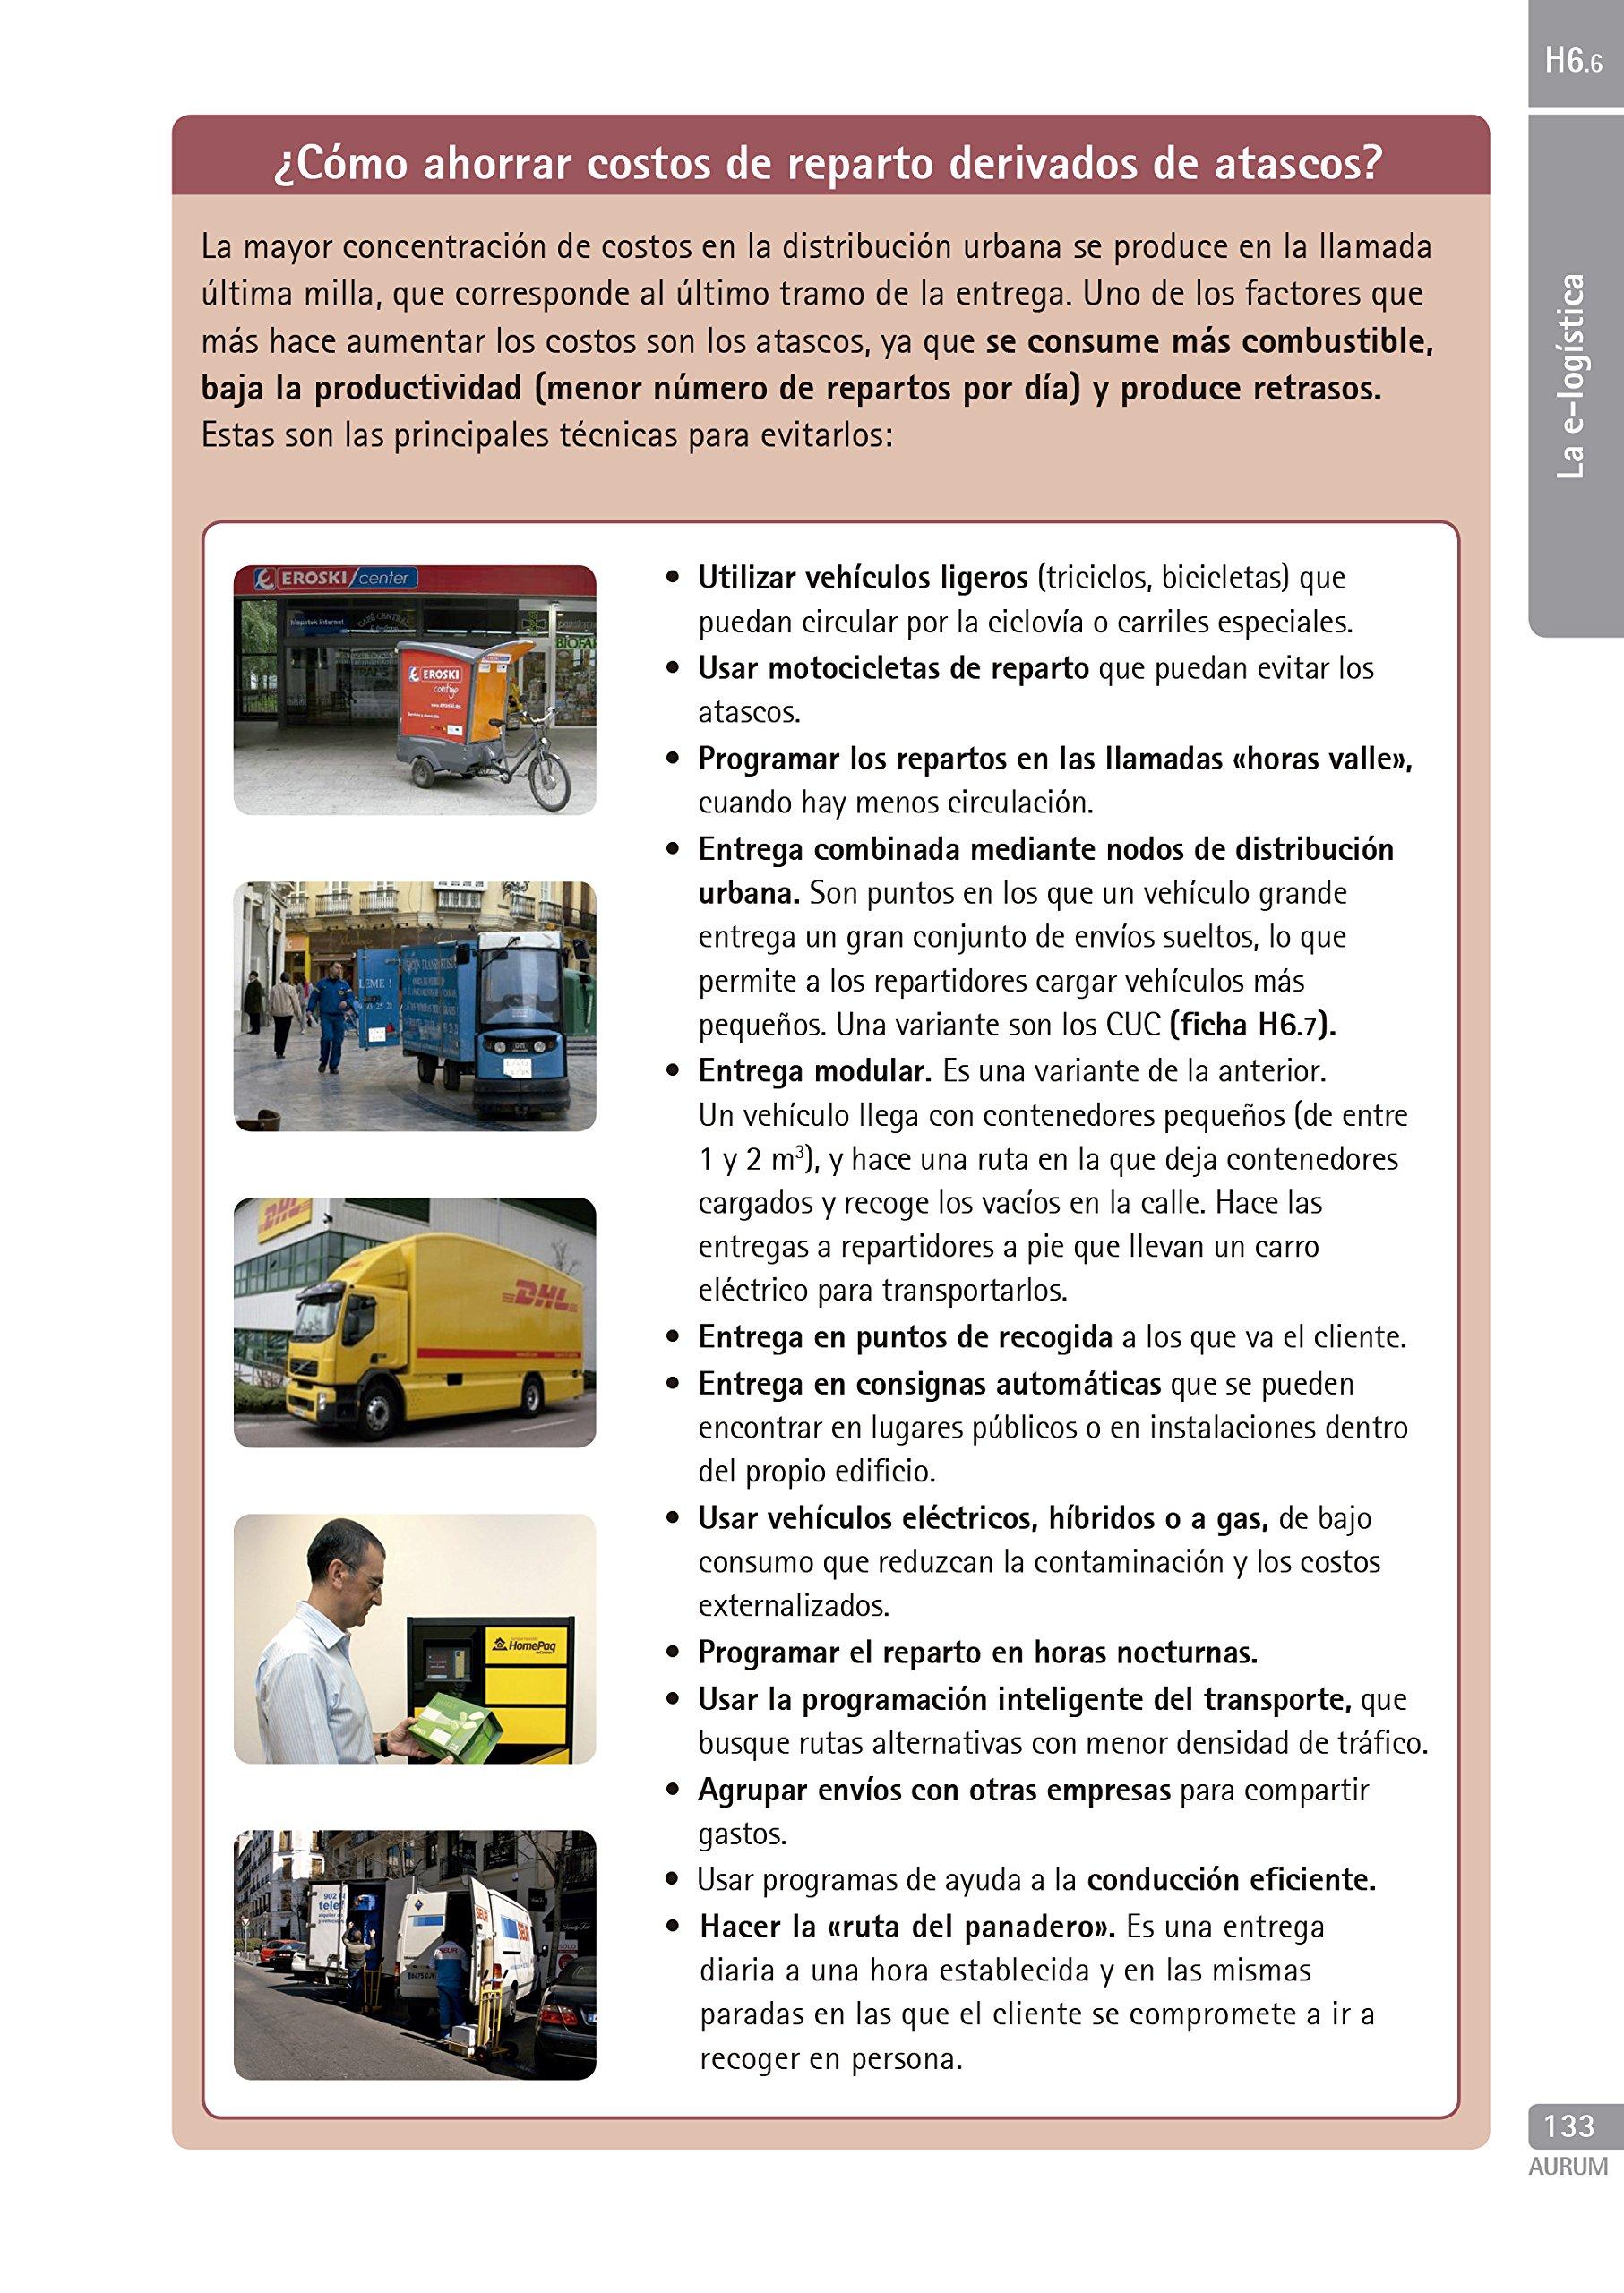 Manual del comercio electrónico (Gestiona): Amazon.es: Eva María Hernández Ramos: Libros